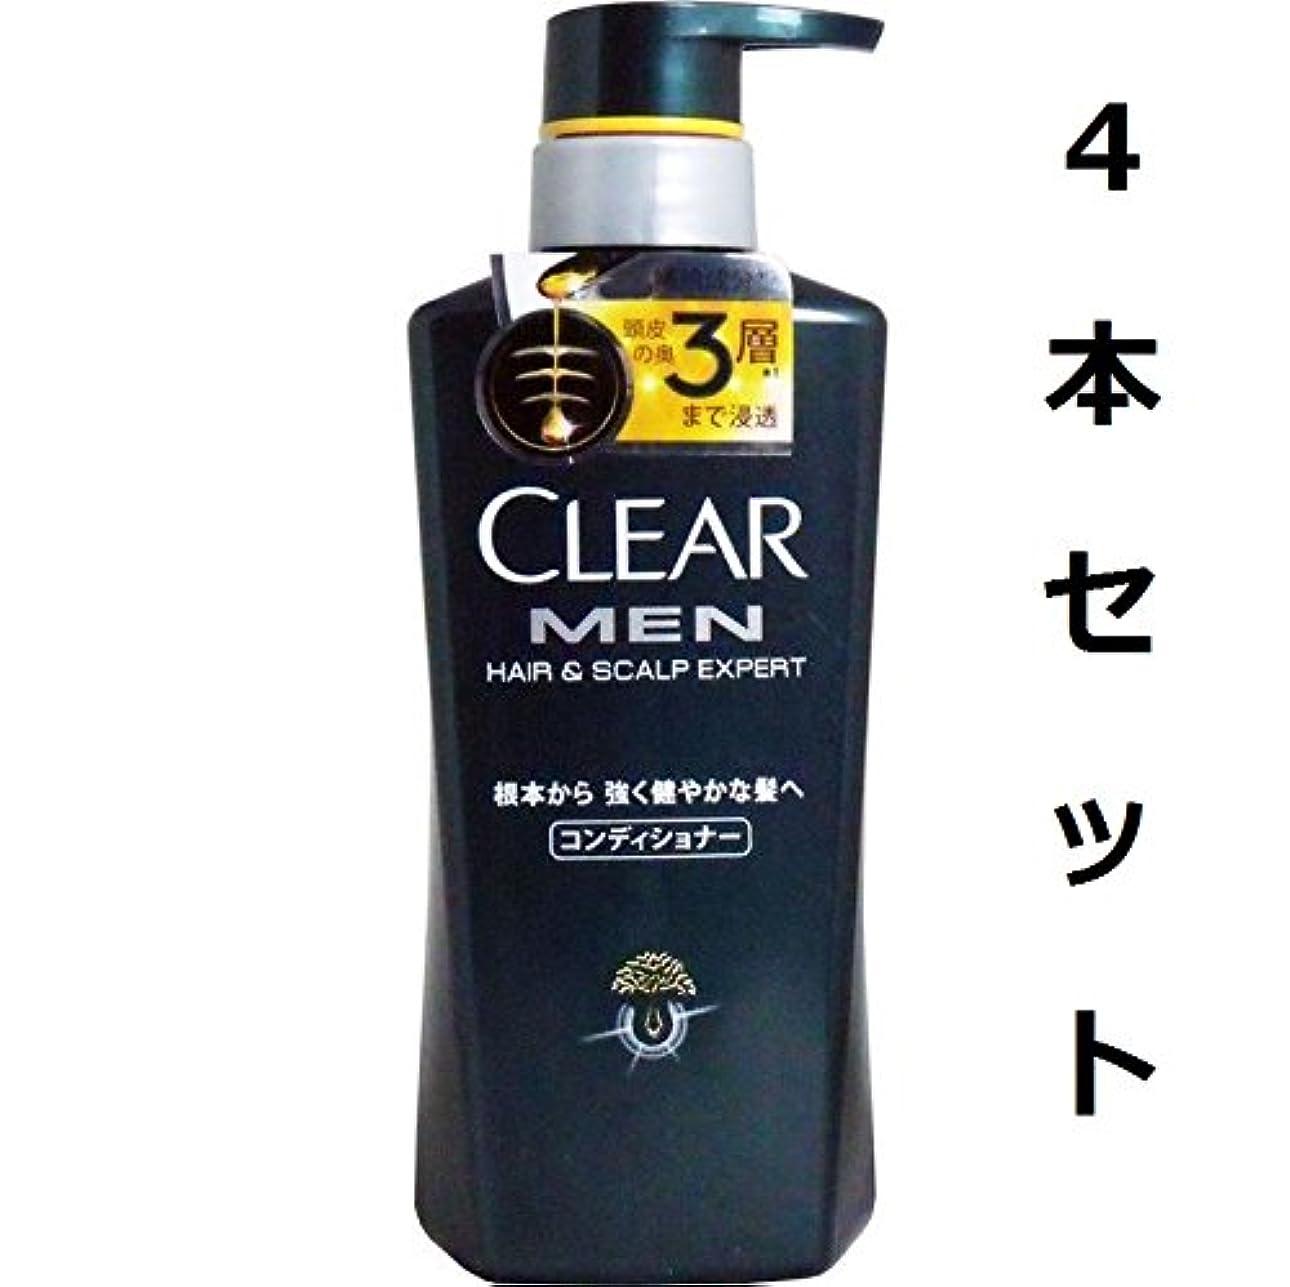 男の頭皮に必要な補給成分配合処方 クリア フォーメン ヘア&スカルプ エキスパート コンディショナー ポンプ 350g 4本セット